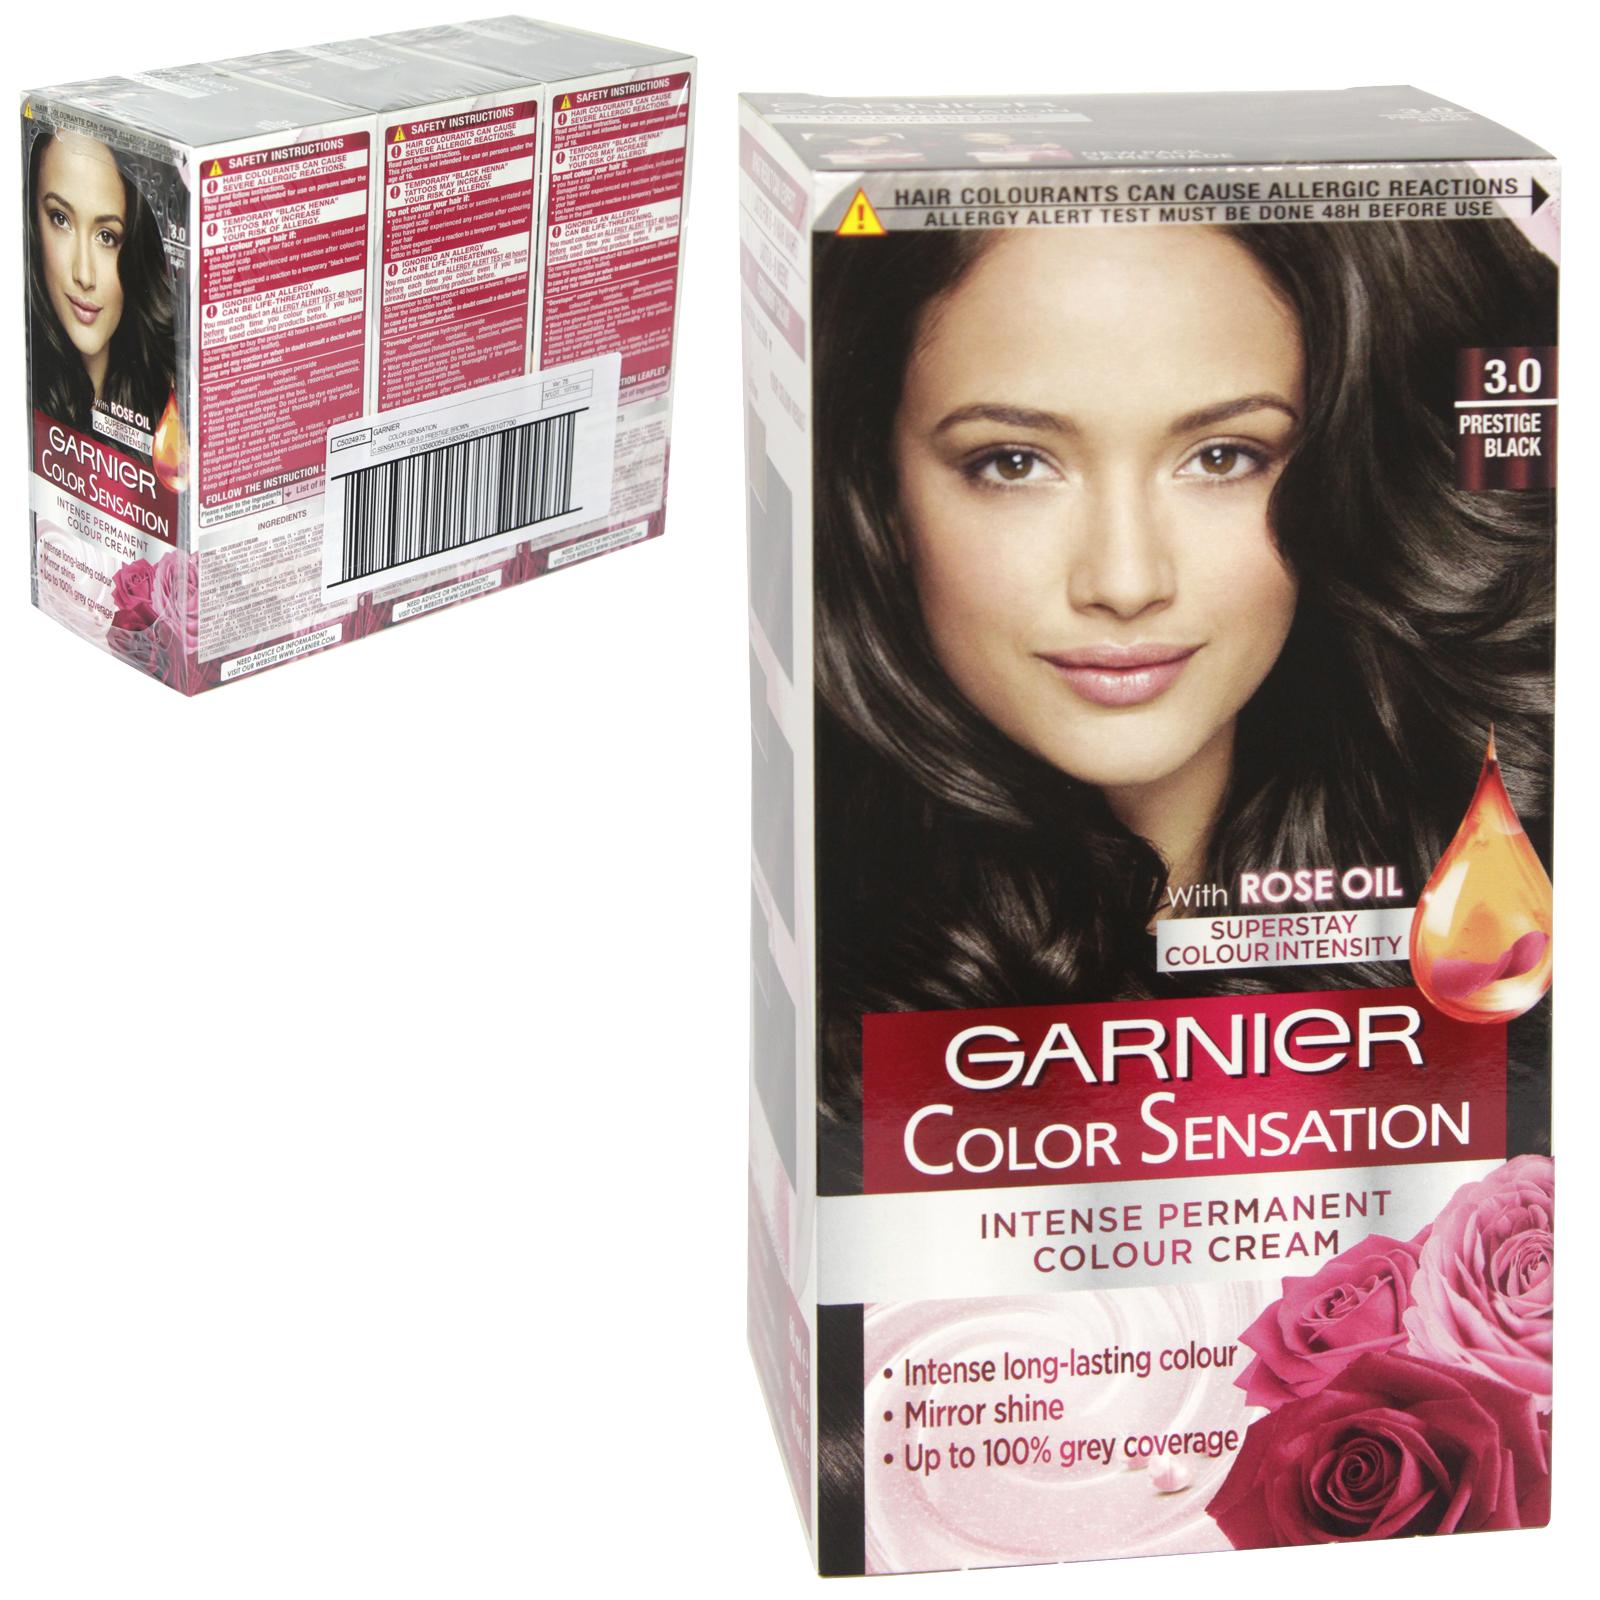 GARNIER HAIR COLOUR - PRESTIGE BLACK 3.0 - X3